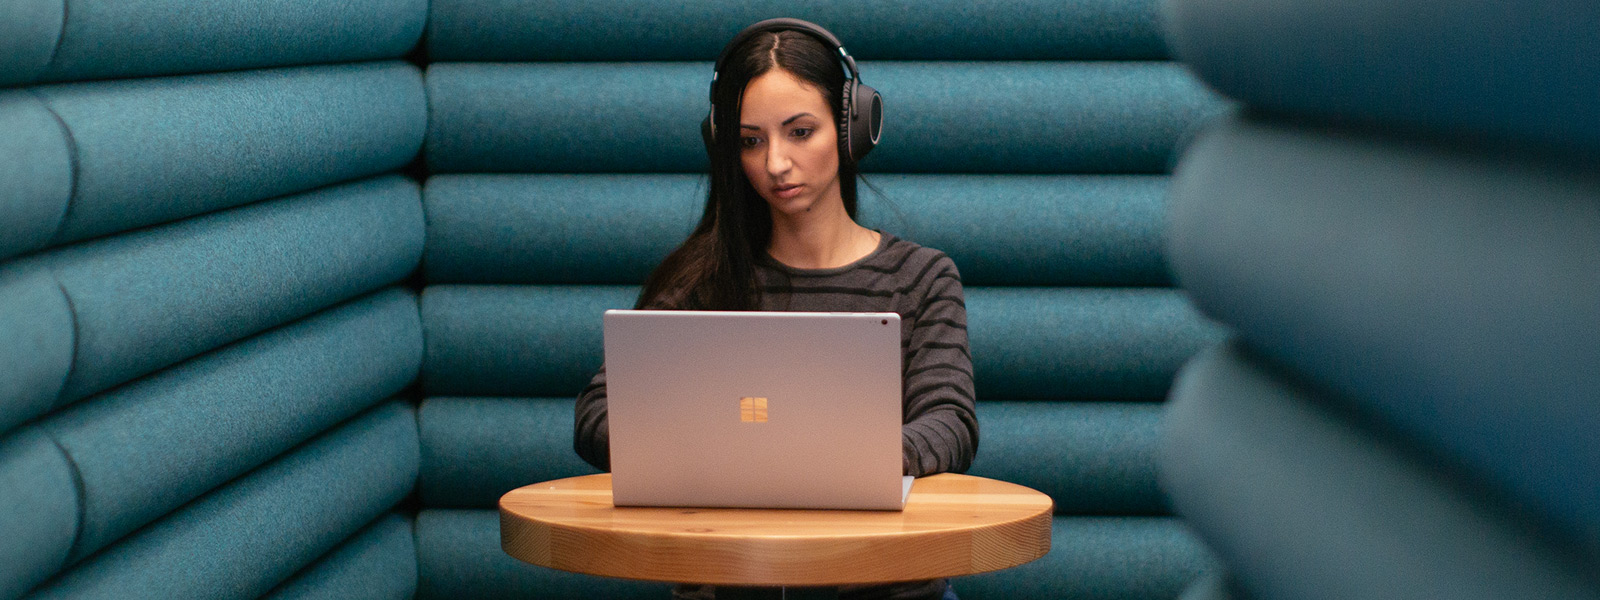 Kobieta zesłuchawkami na głowie siedząca wciszy isamotności podczas pracy na komputerze zWindows10